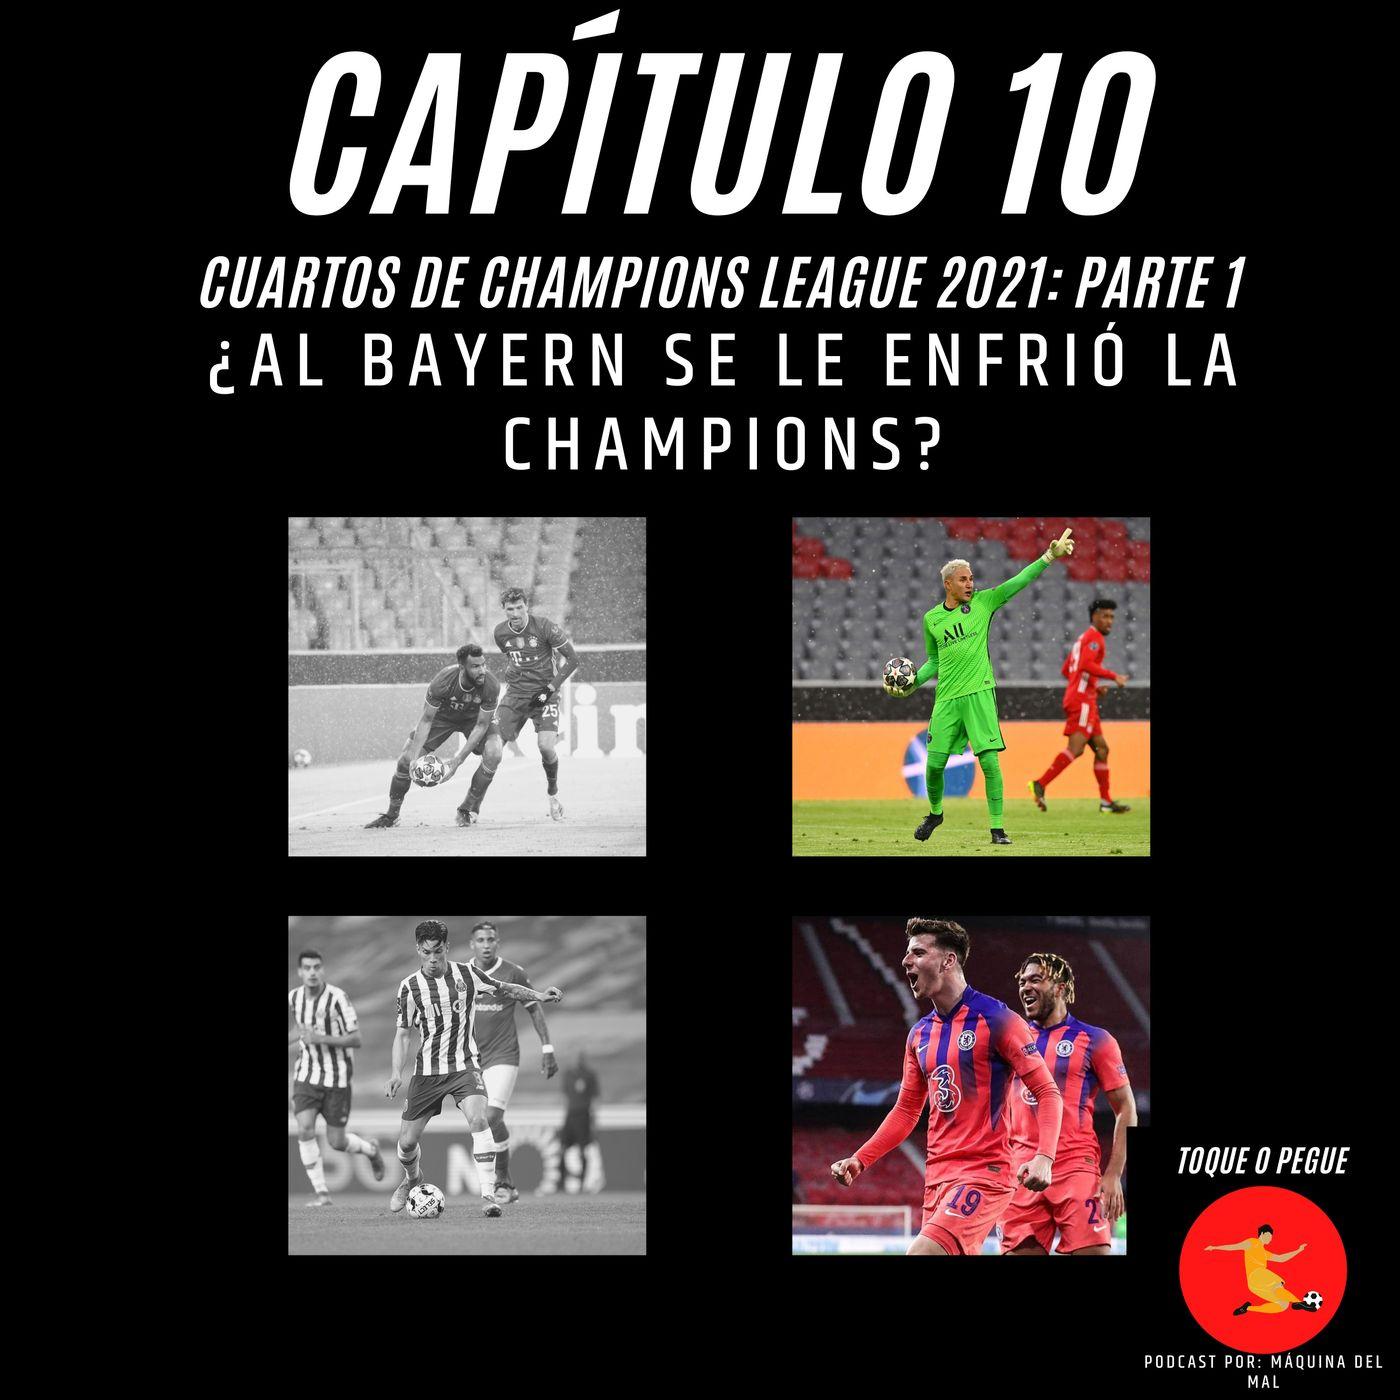 Capítulo 10: ¿Al Bayern se le enfrió la Champions?